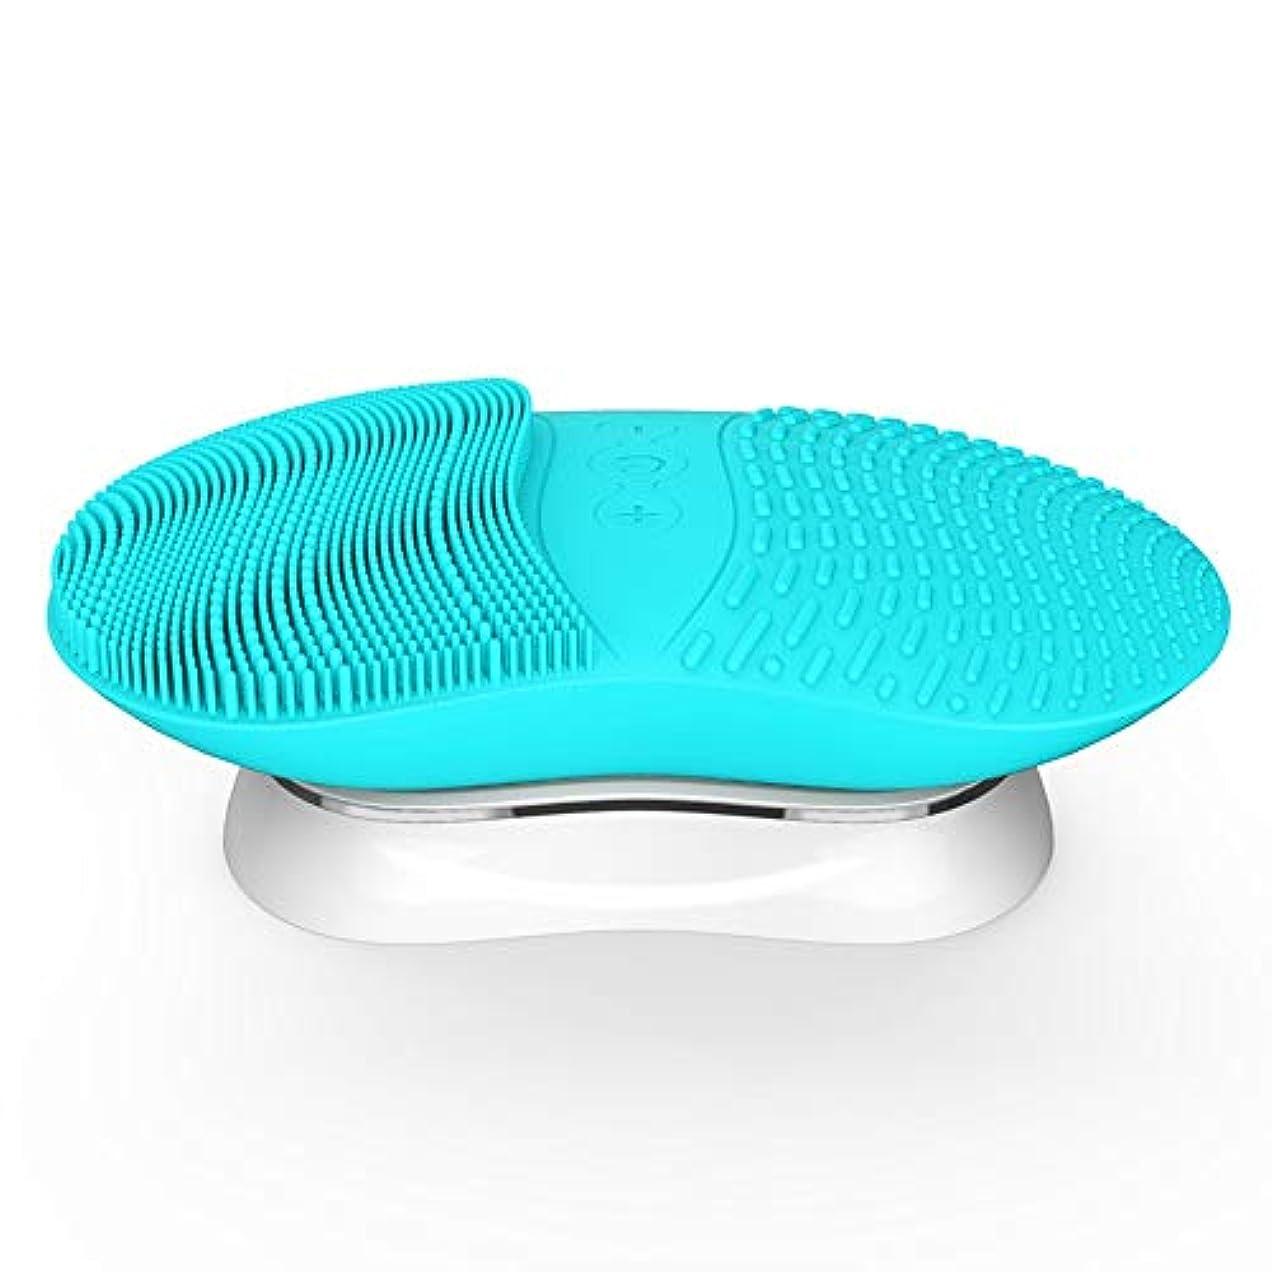 クレーンブルームお酢ZXF 新ワイヤレス充電シリコンクレンジングブラシ超音波振動ディープクリーン防水暖かさクレンジング美容機器クレンジング機器 滑らかである